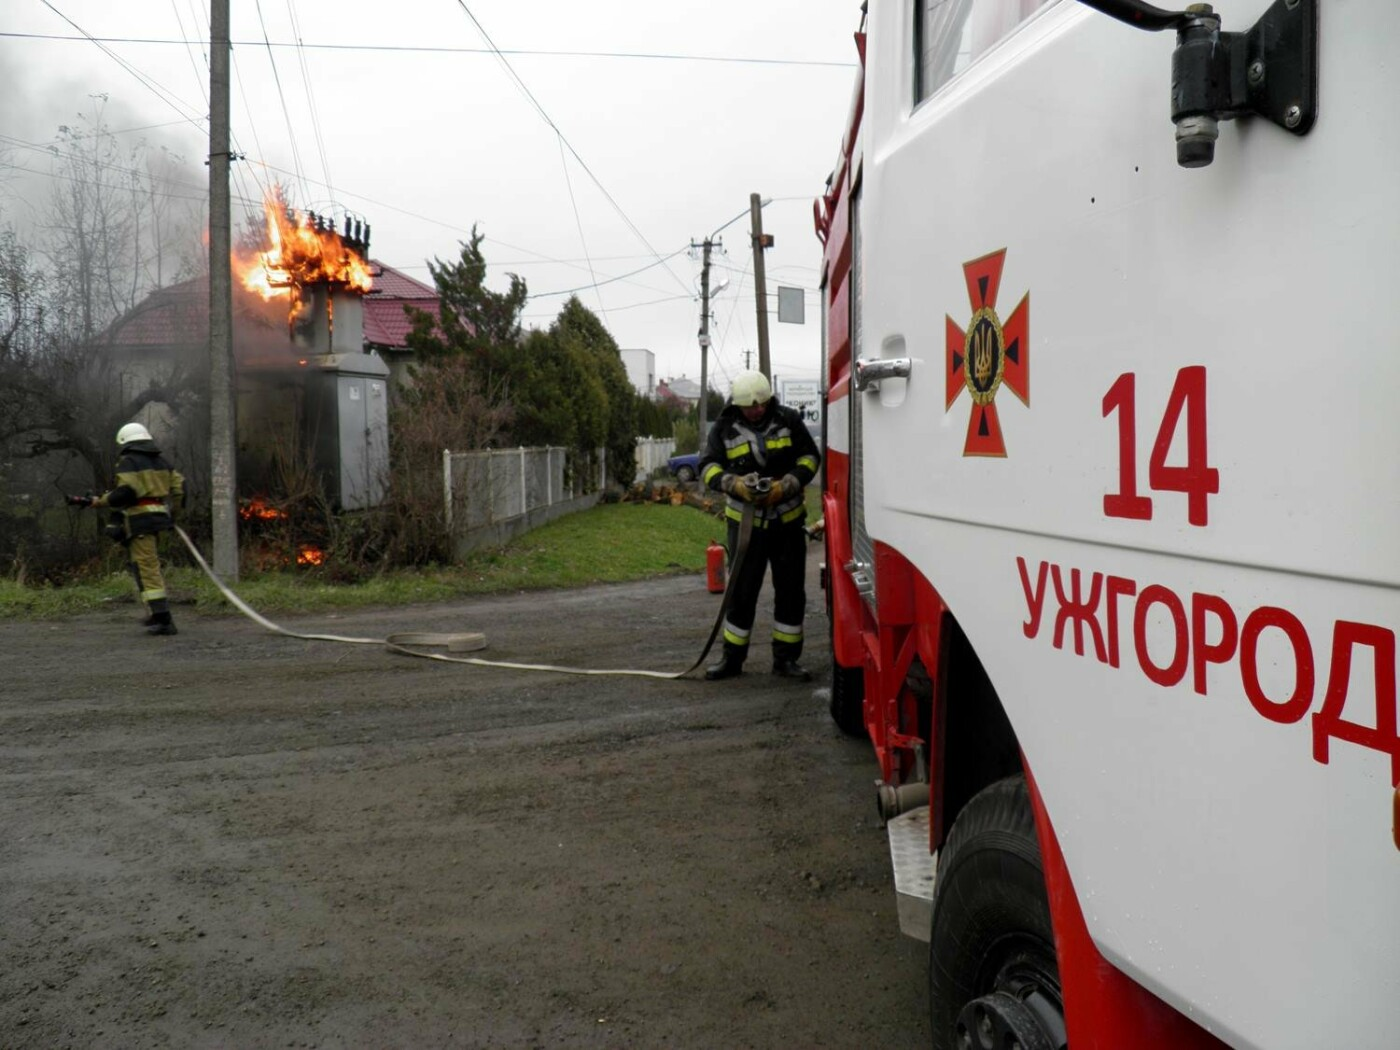 У Сторожниці - пожежа: рятувальники гасили вогонь на трансформаторній підстанції (ФОТО, ВІДЕО), фото-8